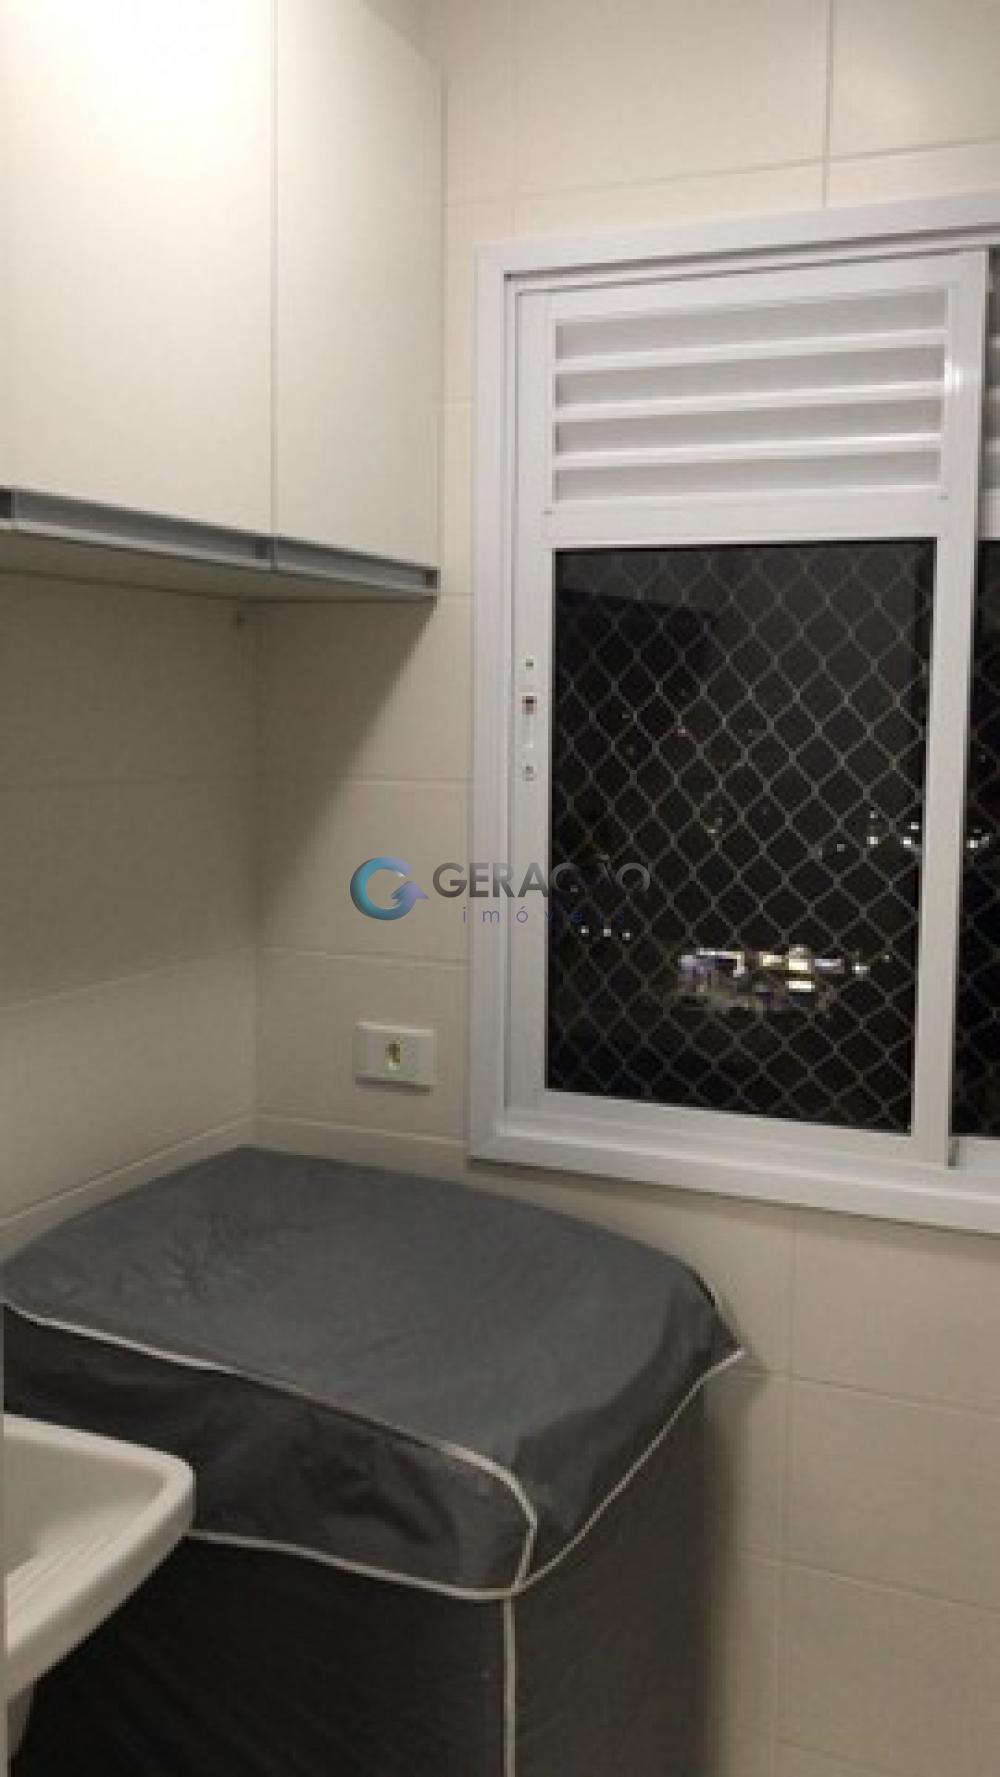 Comprar Apartamento / Padrão em São José dos Campos R$ 352.000,00 - Foto 8